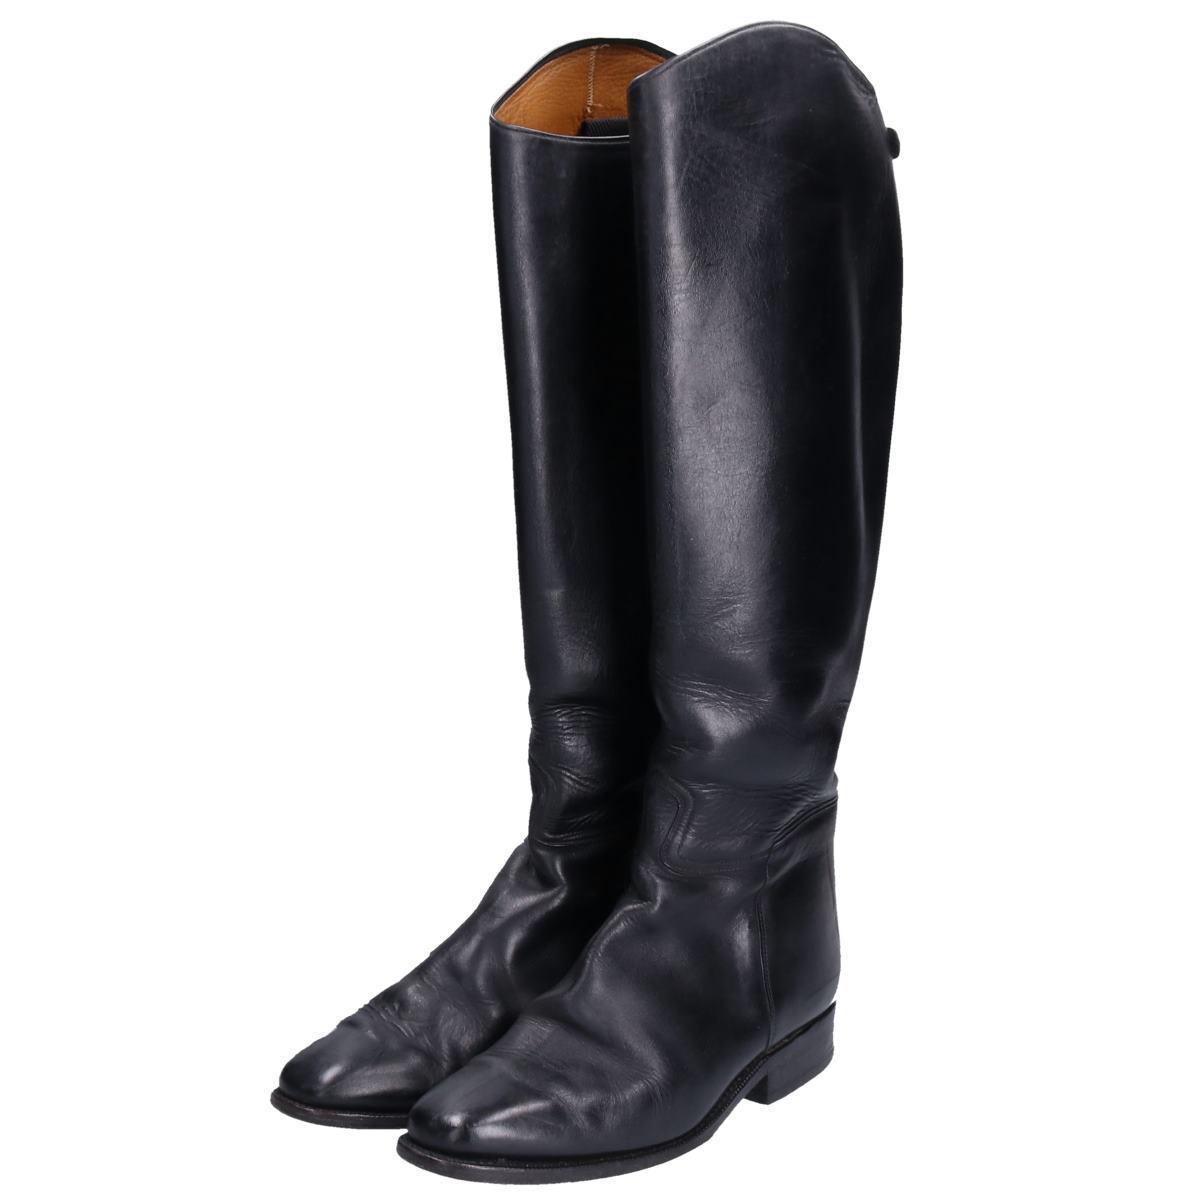 カバロ Cavallo ジョッキー乗馬ブーツ 6.5 メンズ25.5cm /bop6572 【中古】 【190922】